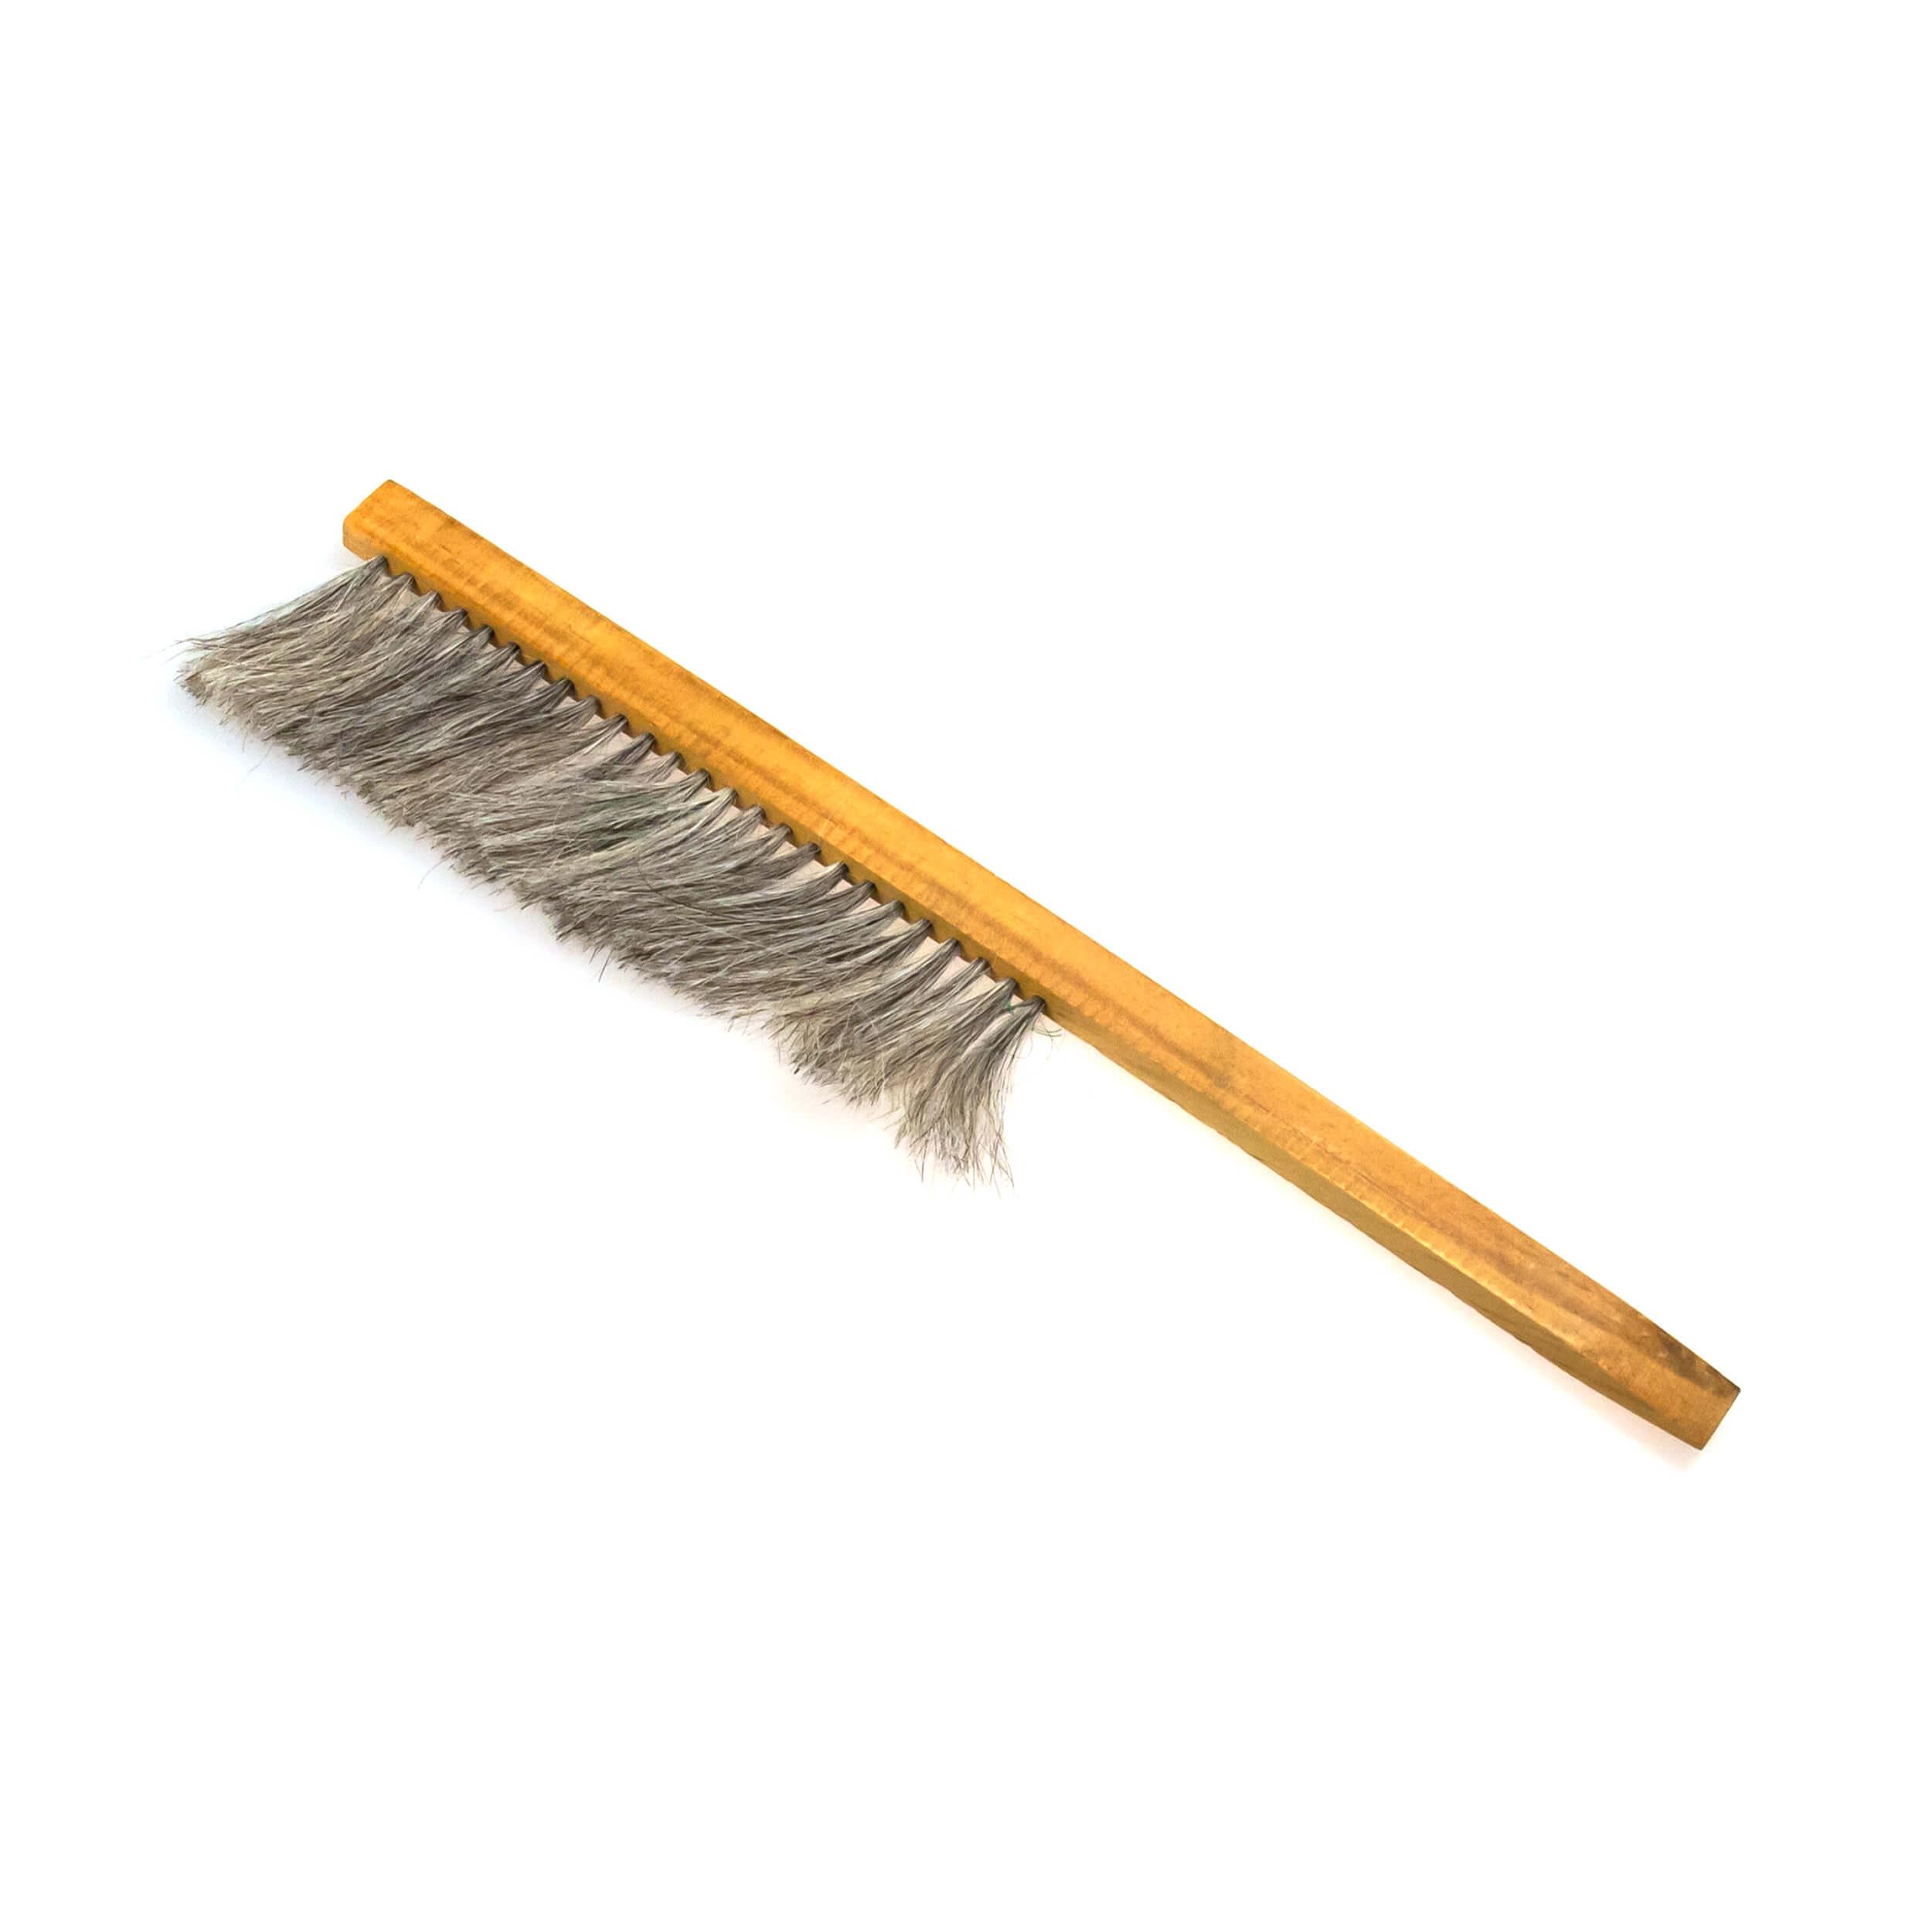 """Щетка сметка """"Horsehair Bee Brush"""" однорядная (натуральный конский ворс, деревянная ручка) фото"""